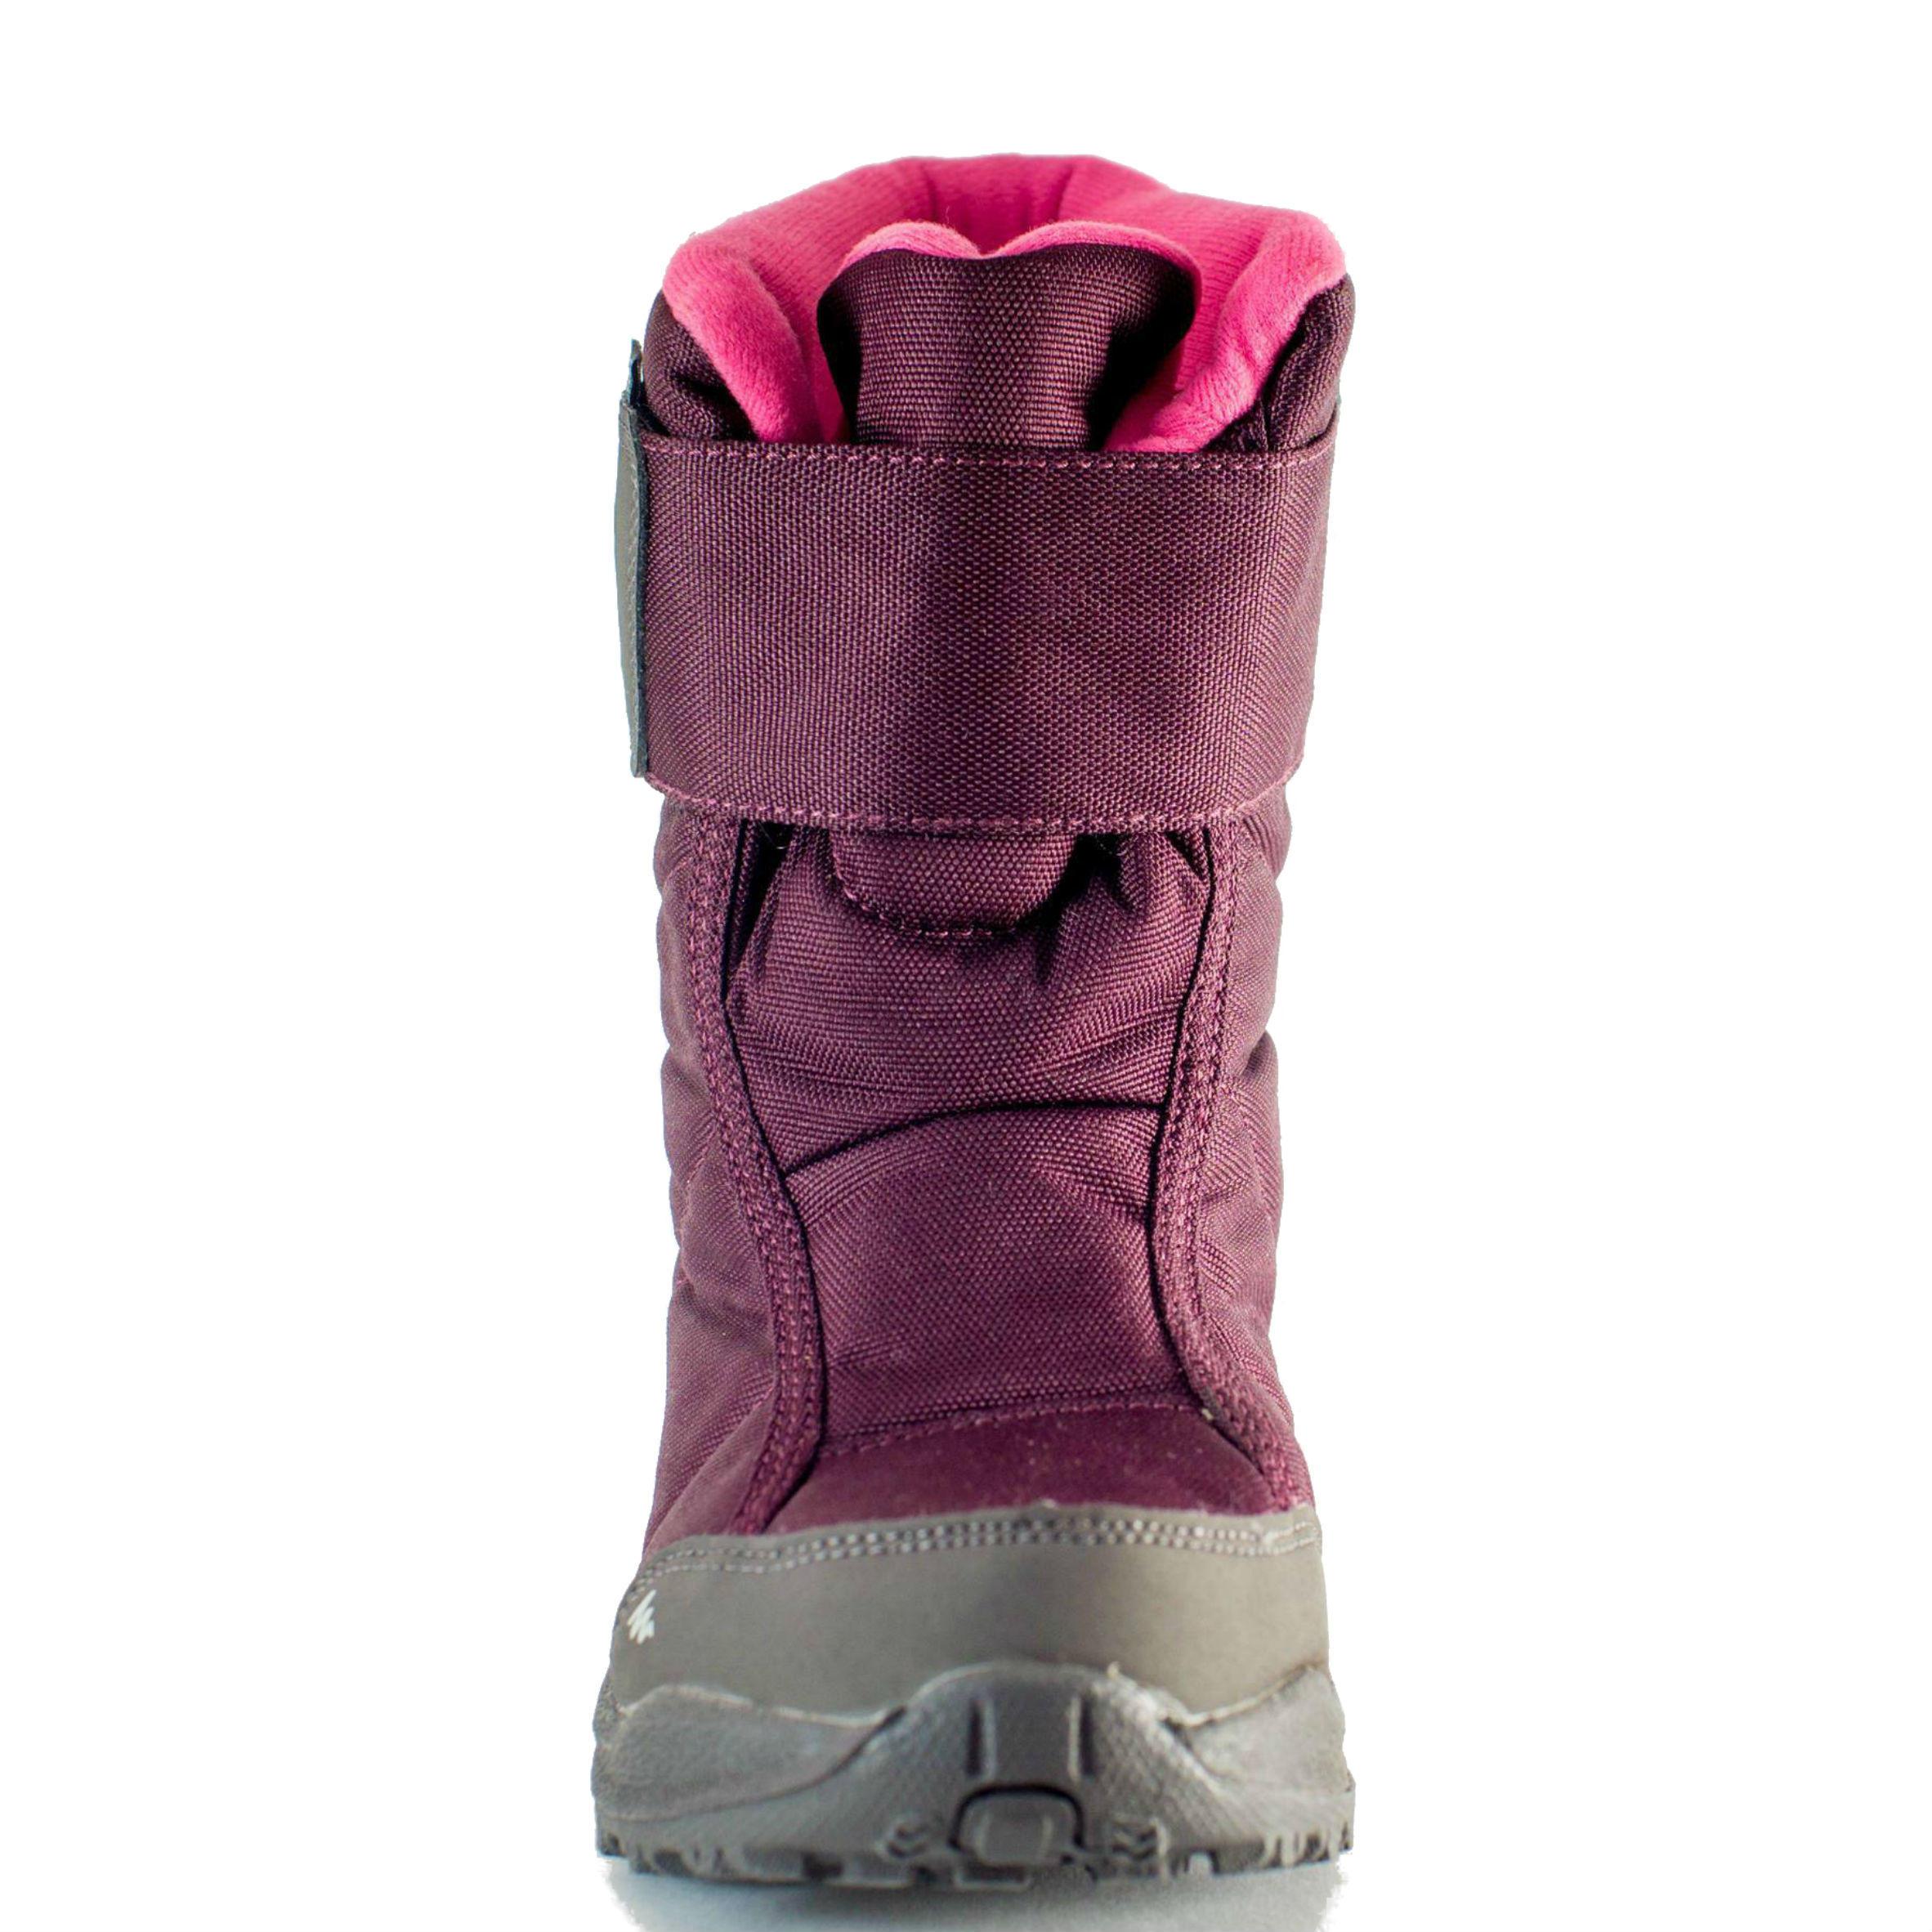 Bottes de randonnée neige junior SH100 x-warm Rose